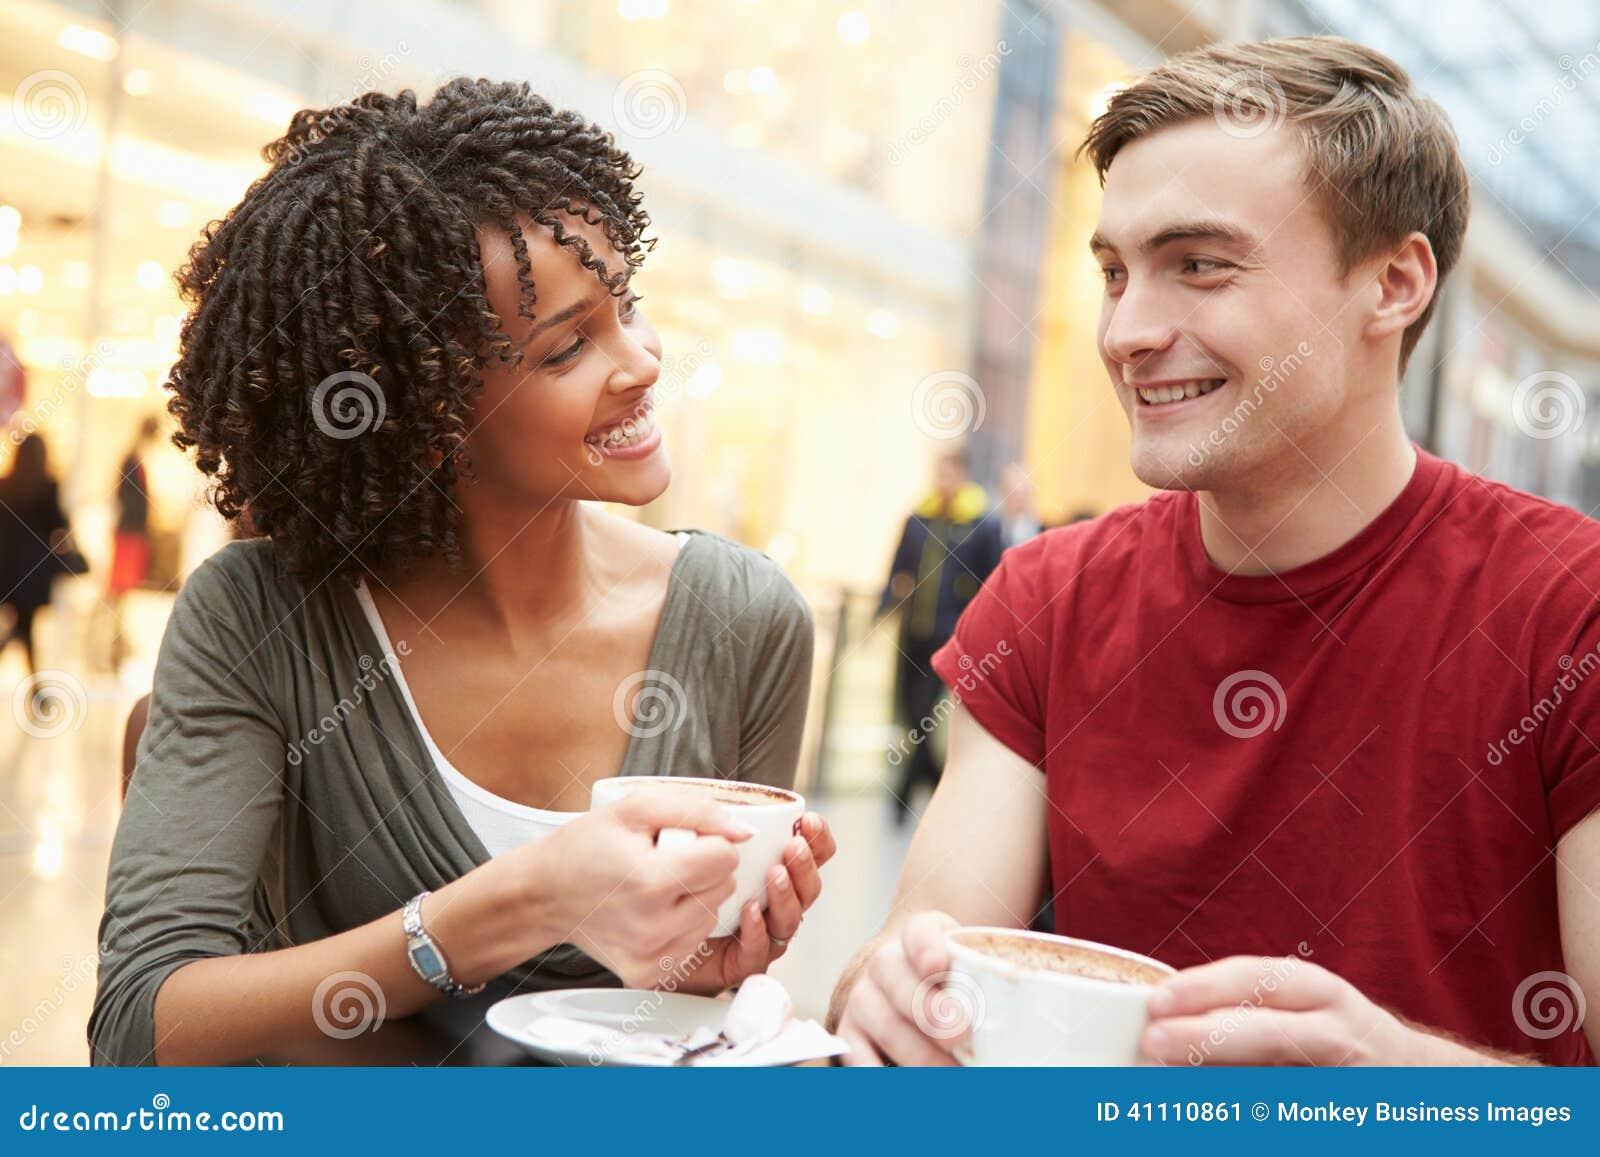 black dating cafe